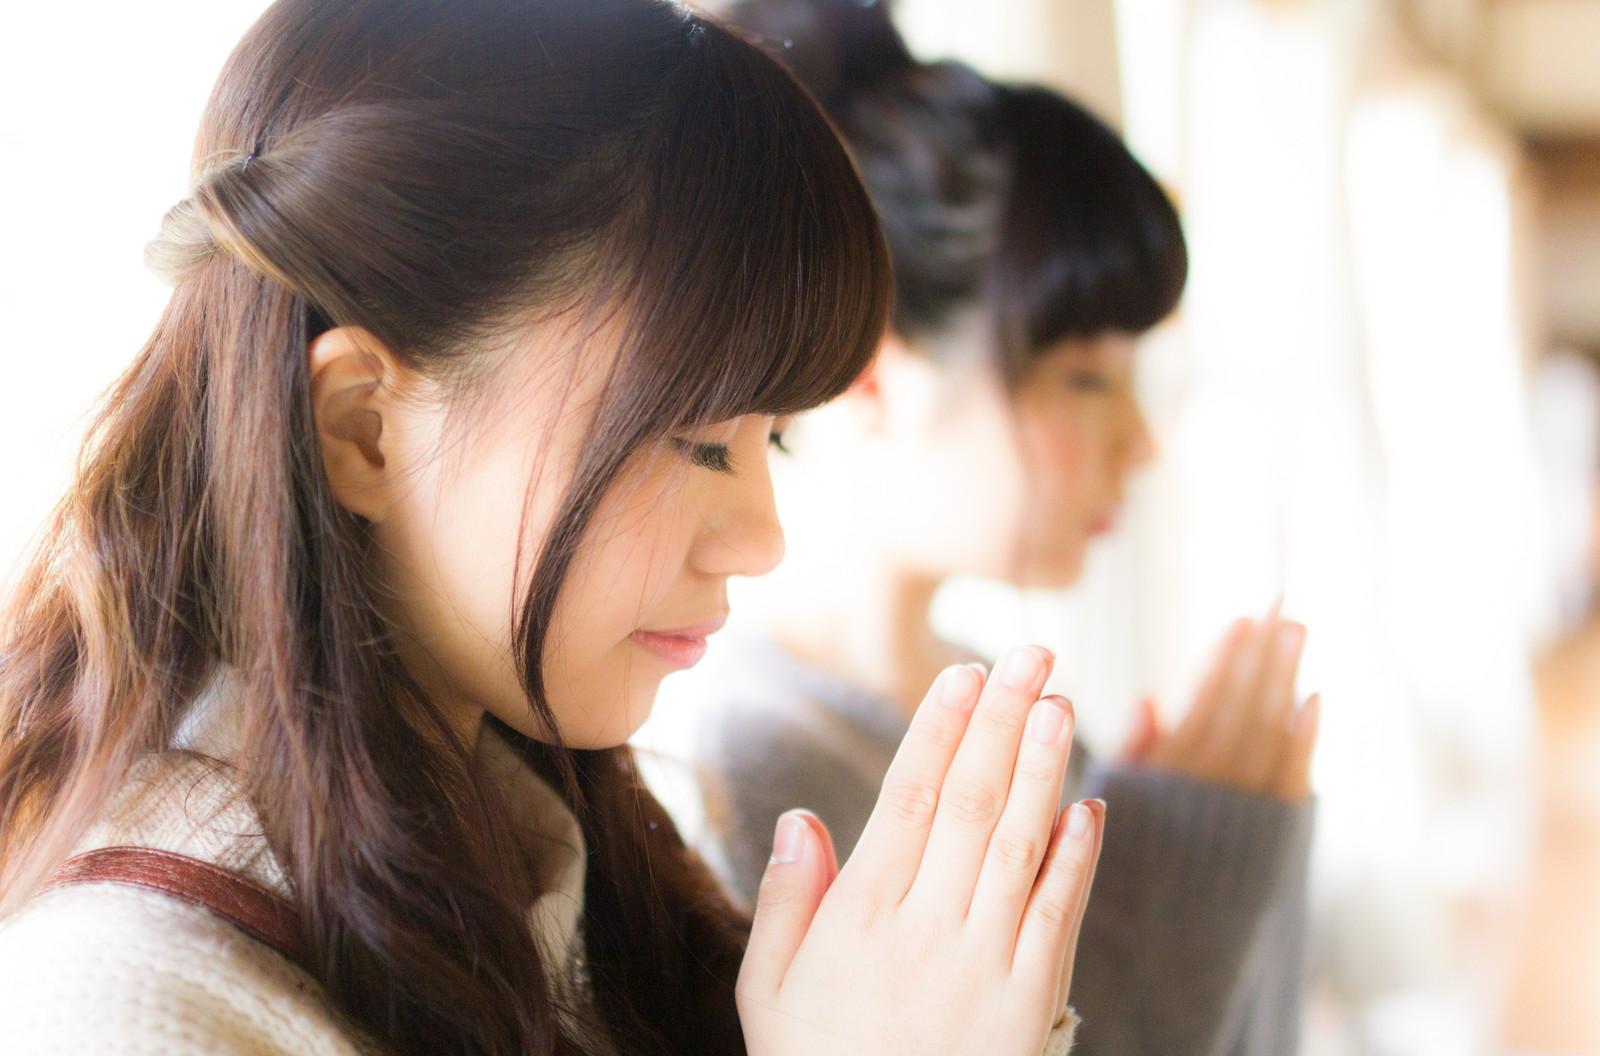 子供が欲しい人必見!関東で人気のある子宝神社をまとめてみた!